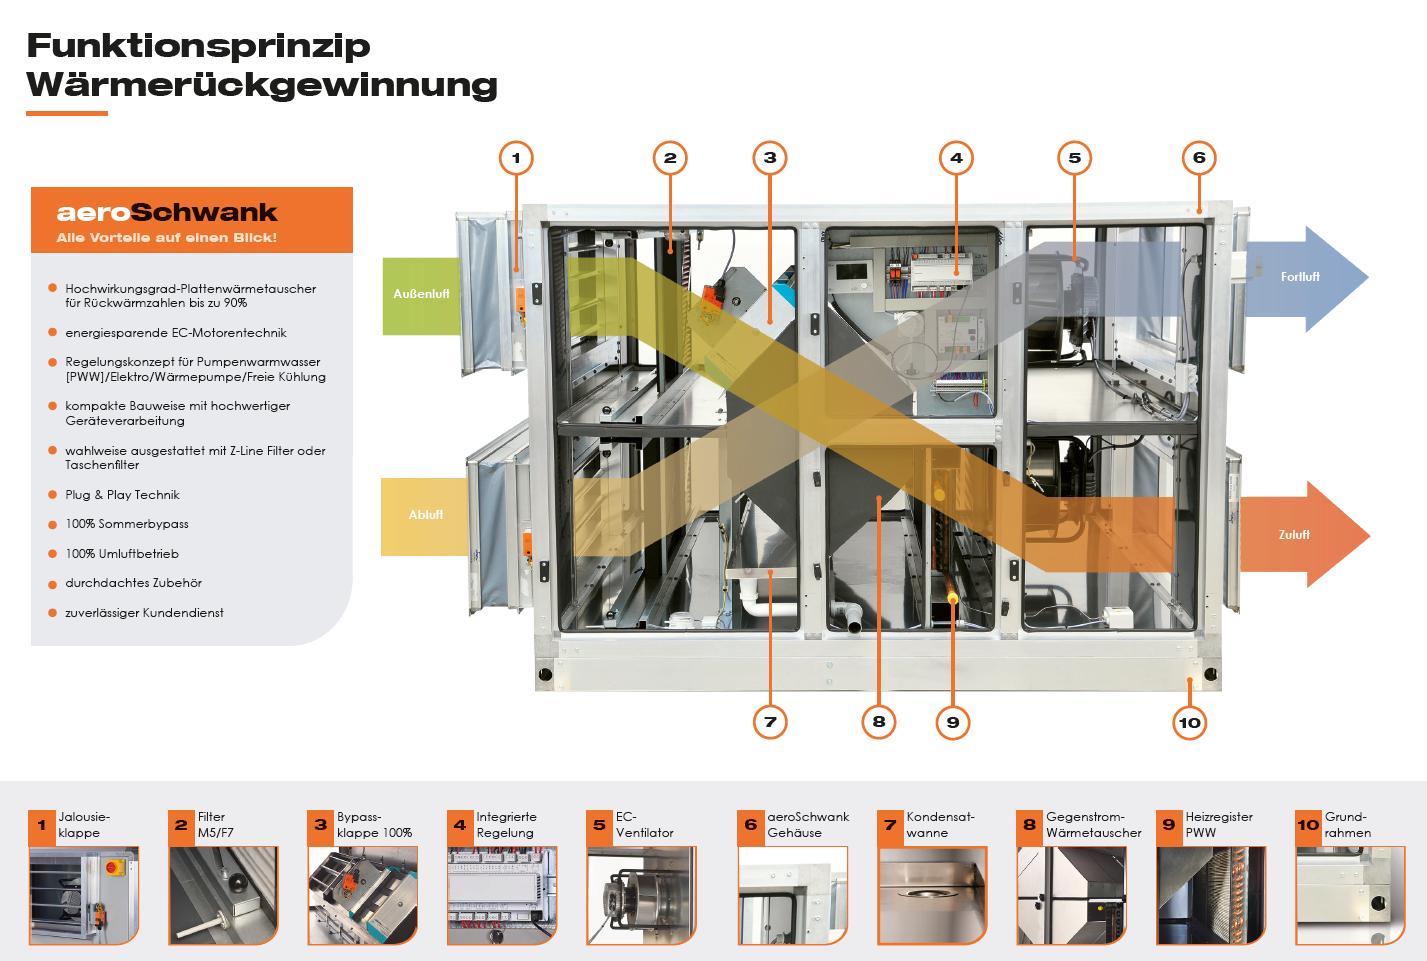 Schwank - RLT-Geräte - Funktionsprinzip